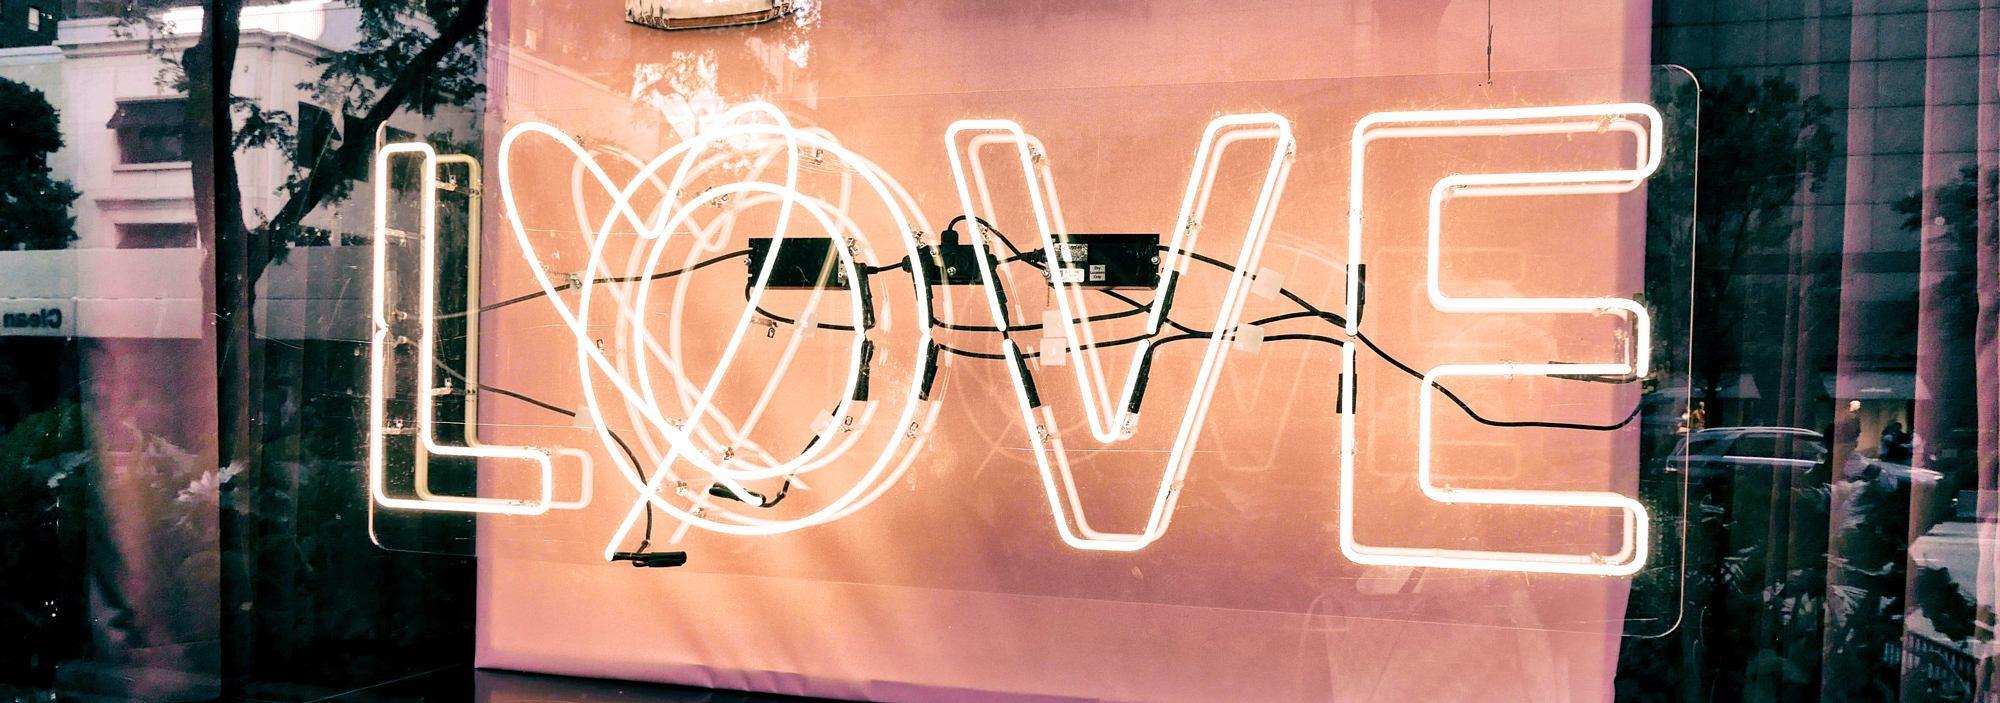 【暖男手冊】浪漫小禮物大全 網購女朋友禮物|Kama Delivery Catering西式美食到會外賣餐飲服務